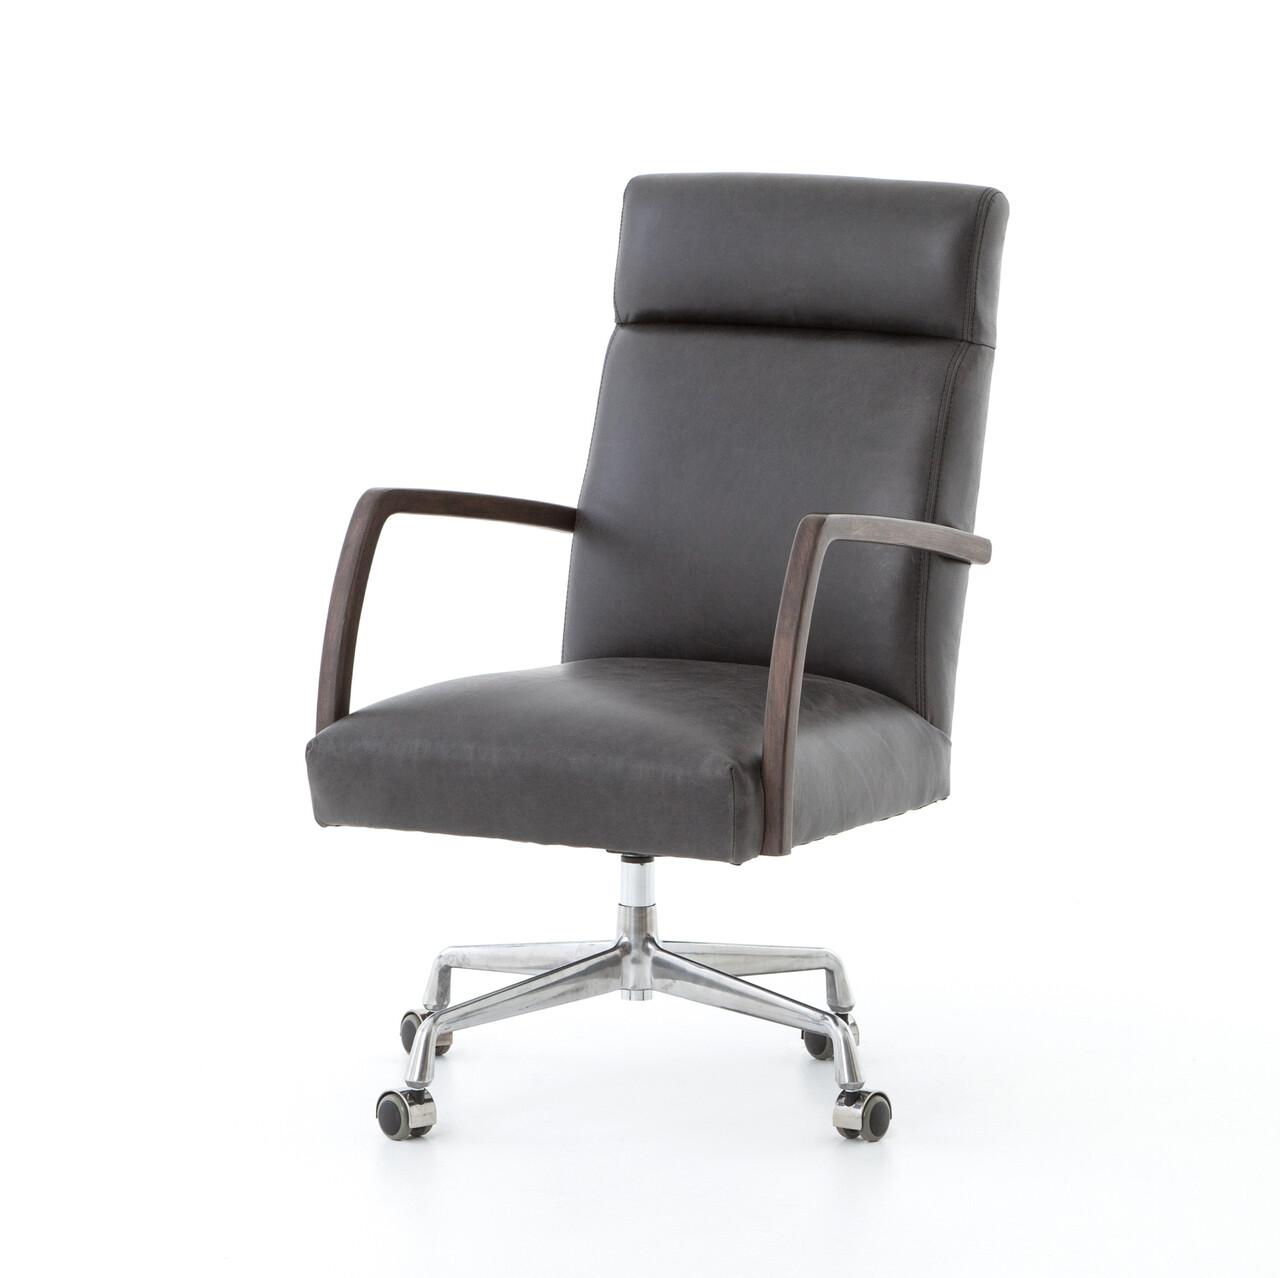 Bryson Кресло для офиса